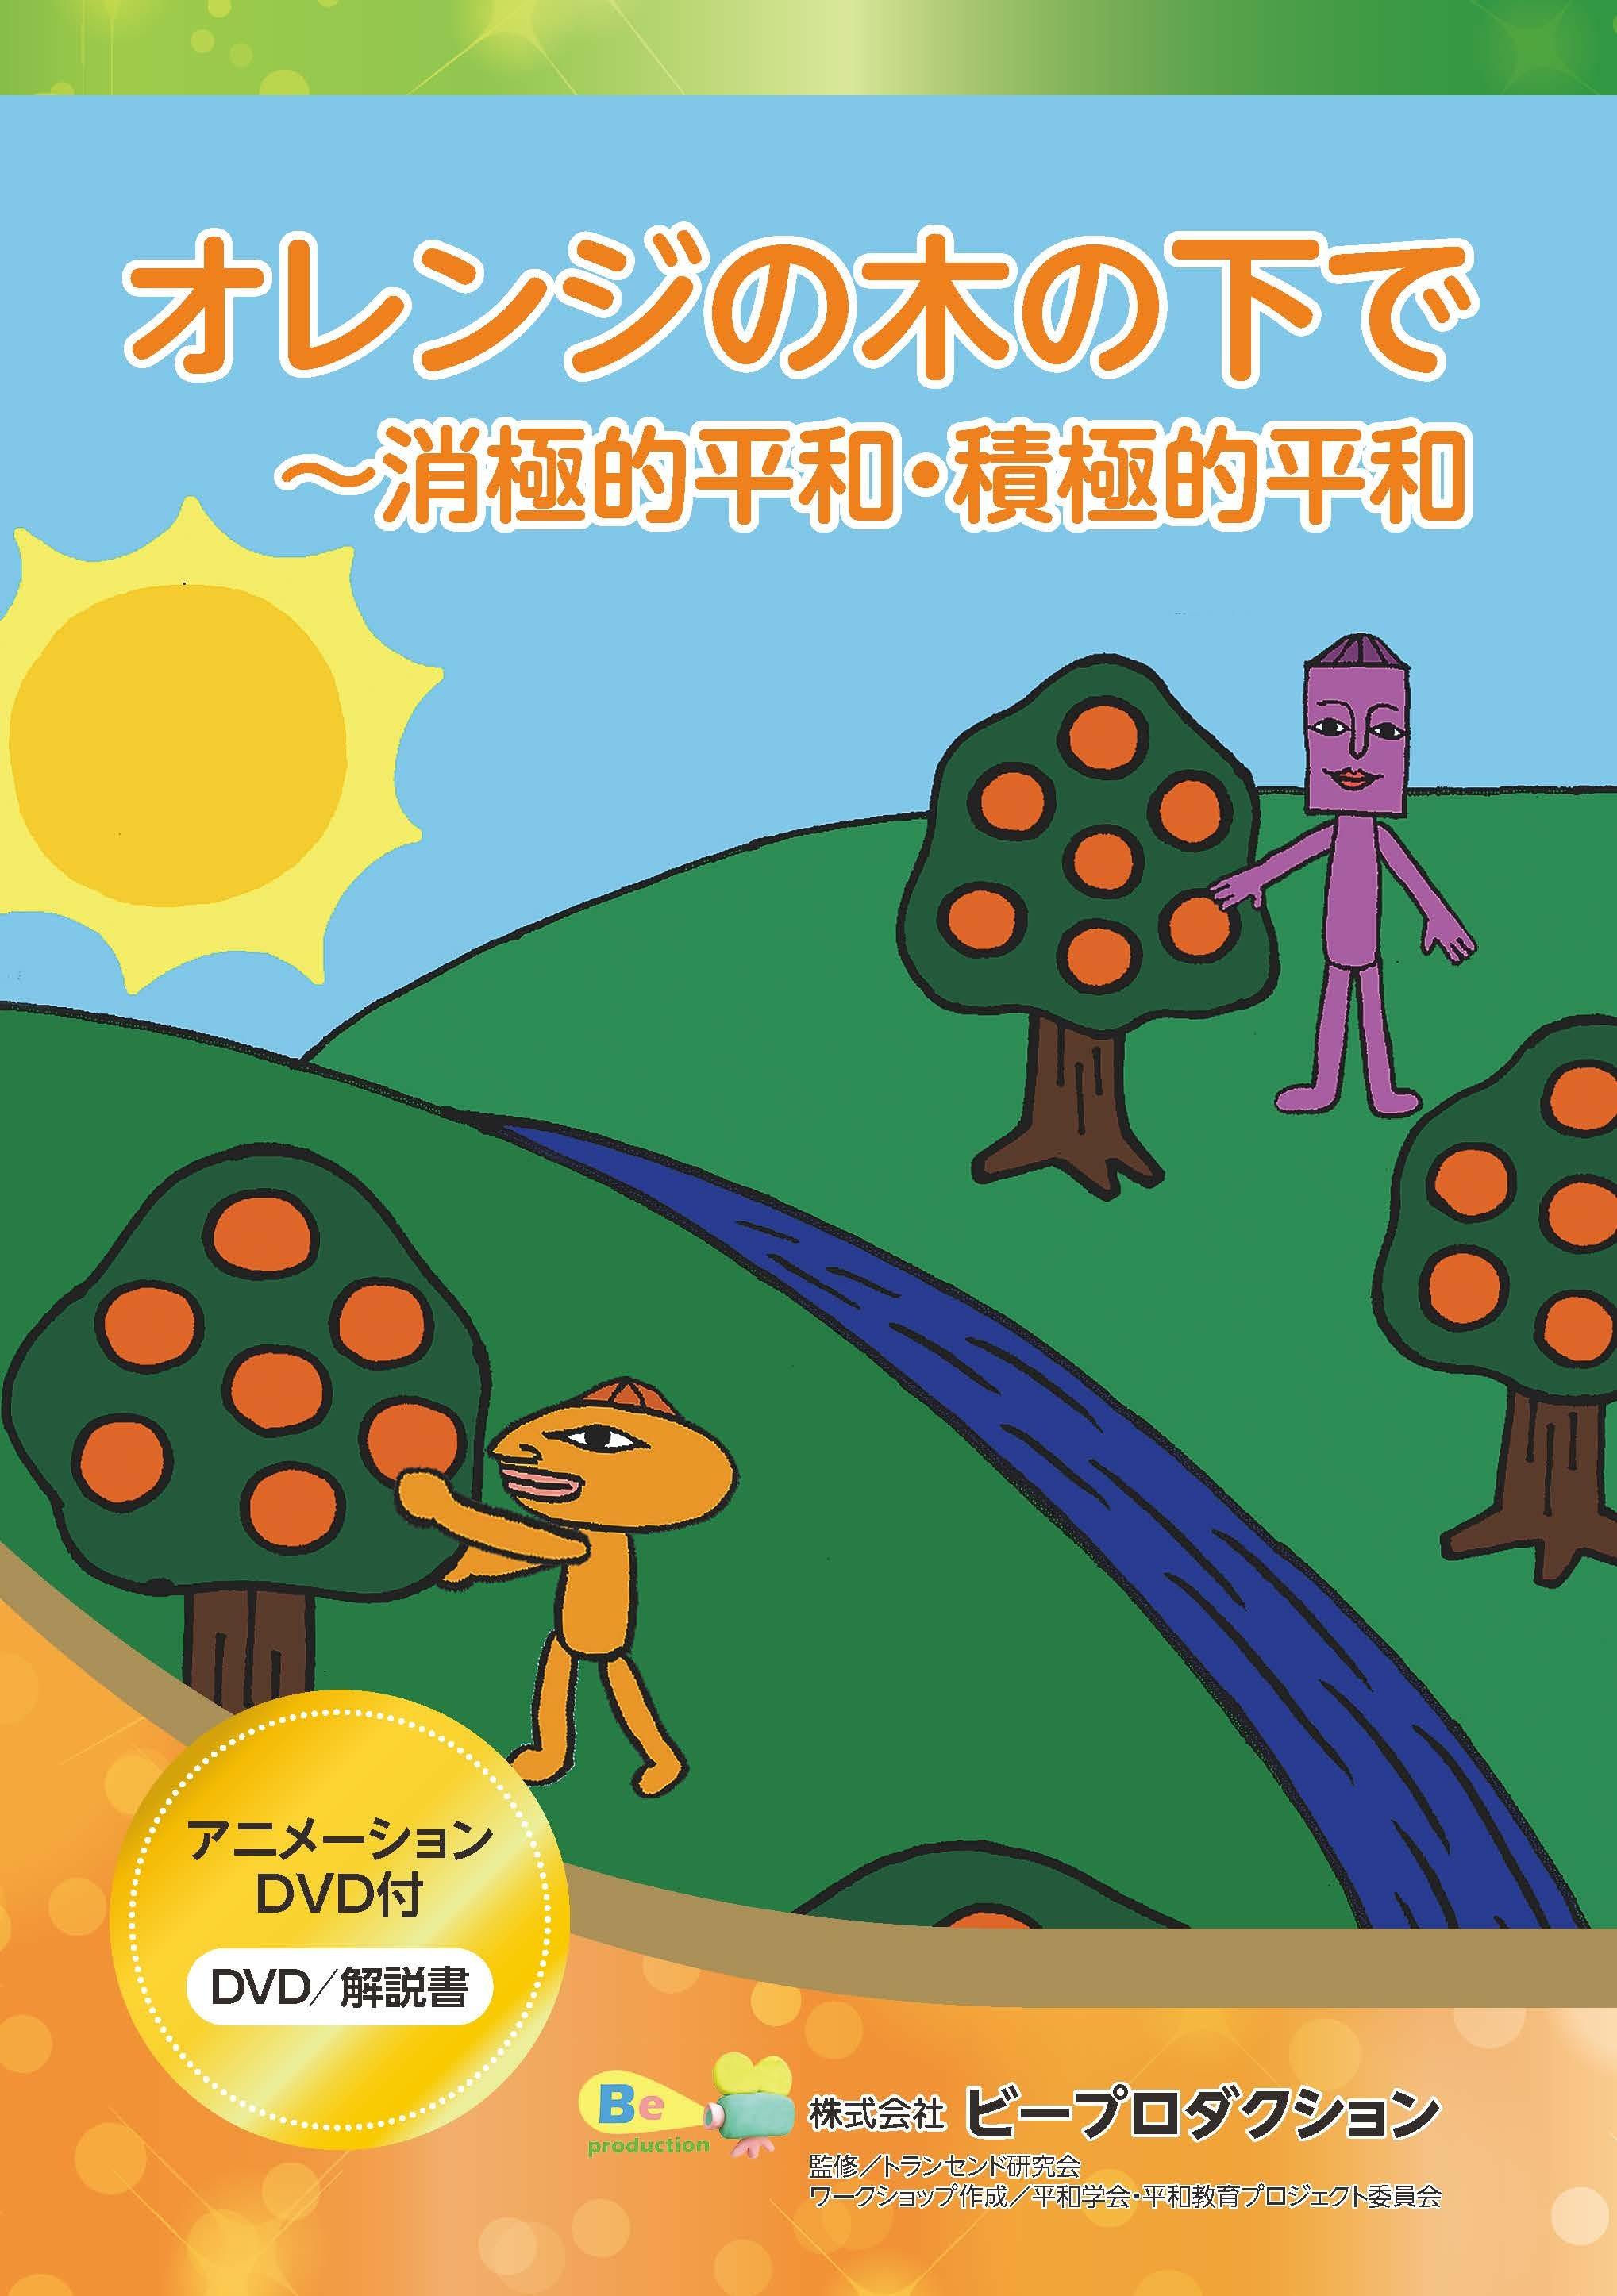 『オレンジの木の下で ~消極的平和・積極的平和』DVD+ブックレット(上映権付き)